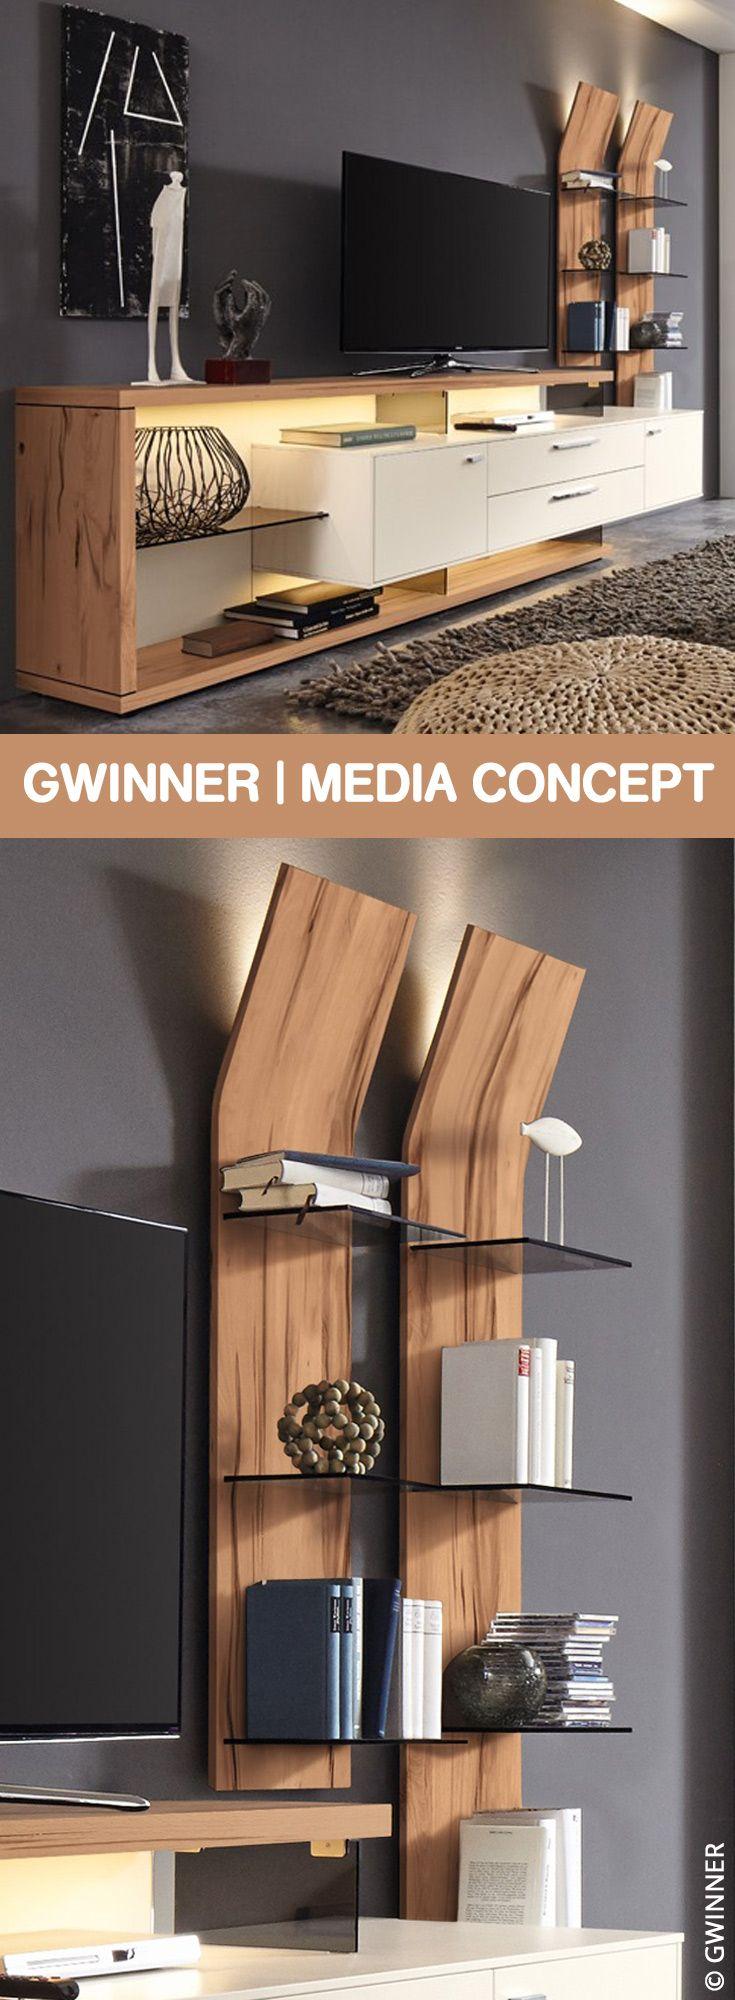 Media Concept Von Gwinner Wohnwand Mc906 Weiss Wildkernbuche In